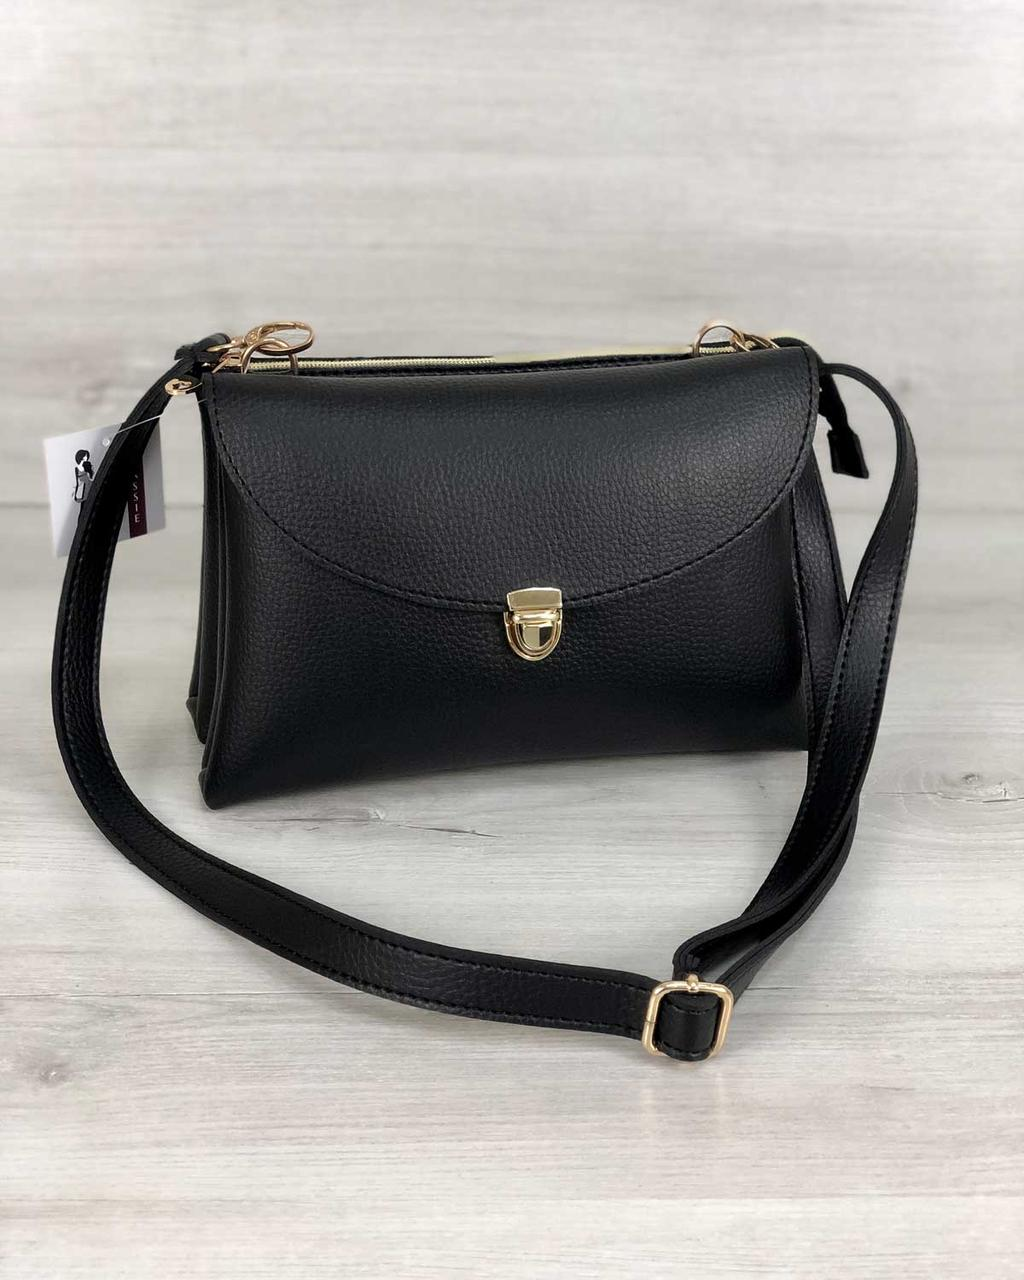 87aaac3ad Молодежная женская сумка Виола черного цвета - Модна Хустка - интернет- магазин стильных аксессуаров в